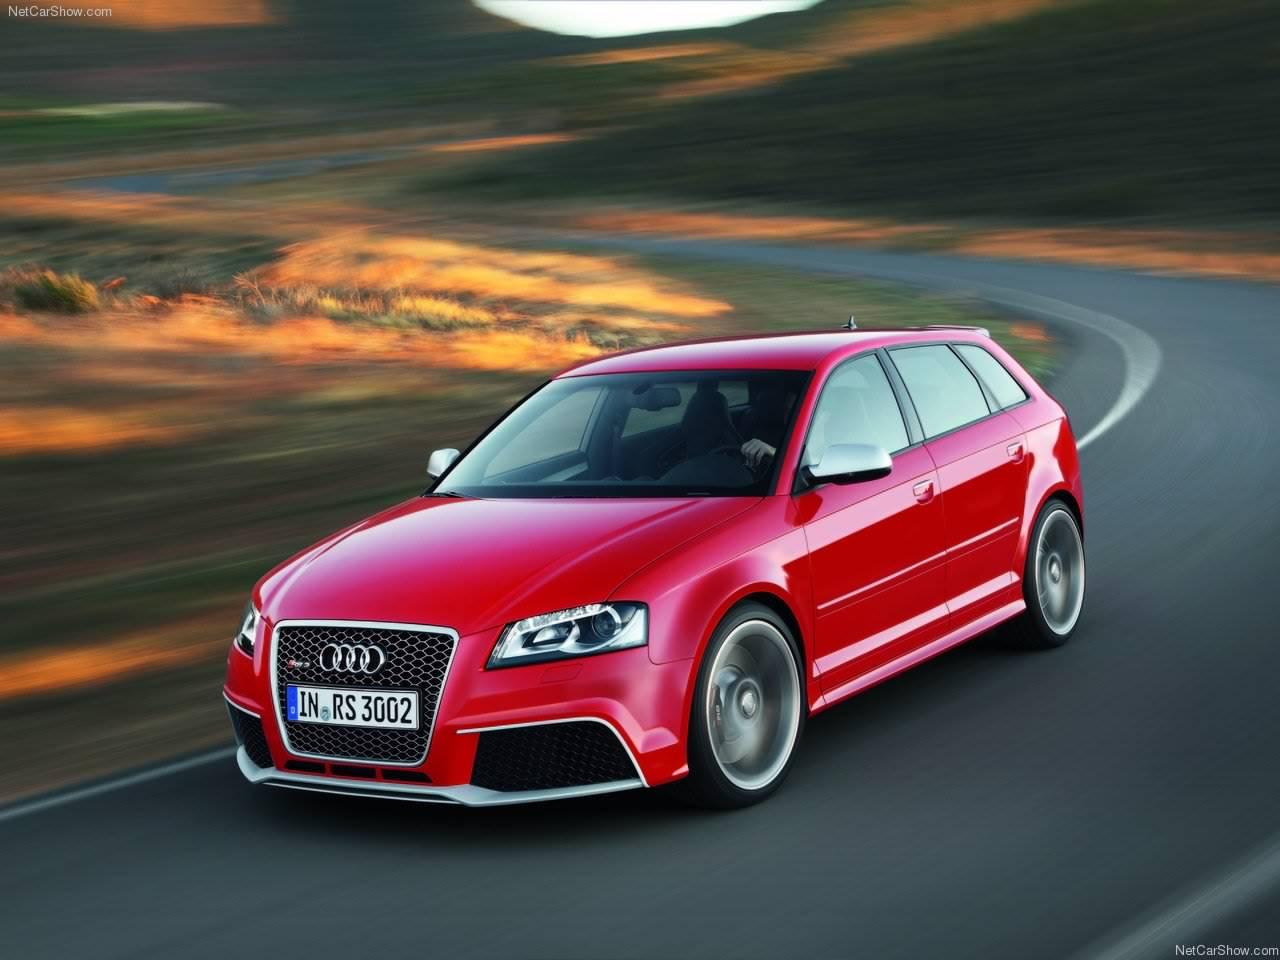 http://1.bp.blogspot.com/_lsyt_wQ2awY/TPNvcmlJ4-I/AAAAAAACHzo/Nymzl8vNddg/s1600/Audi-RS3_Sportback_2012_1280x960_wallpaper_02.jpg